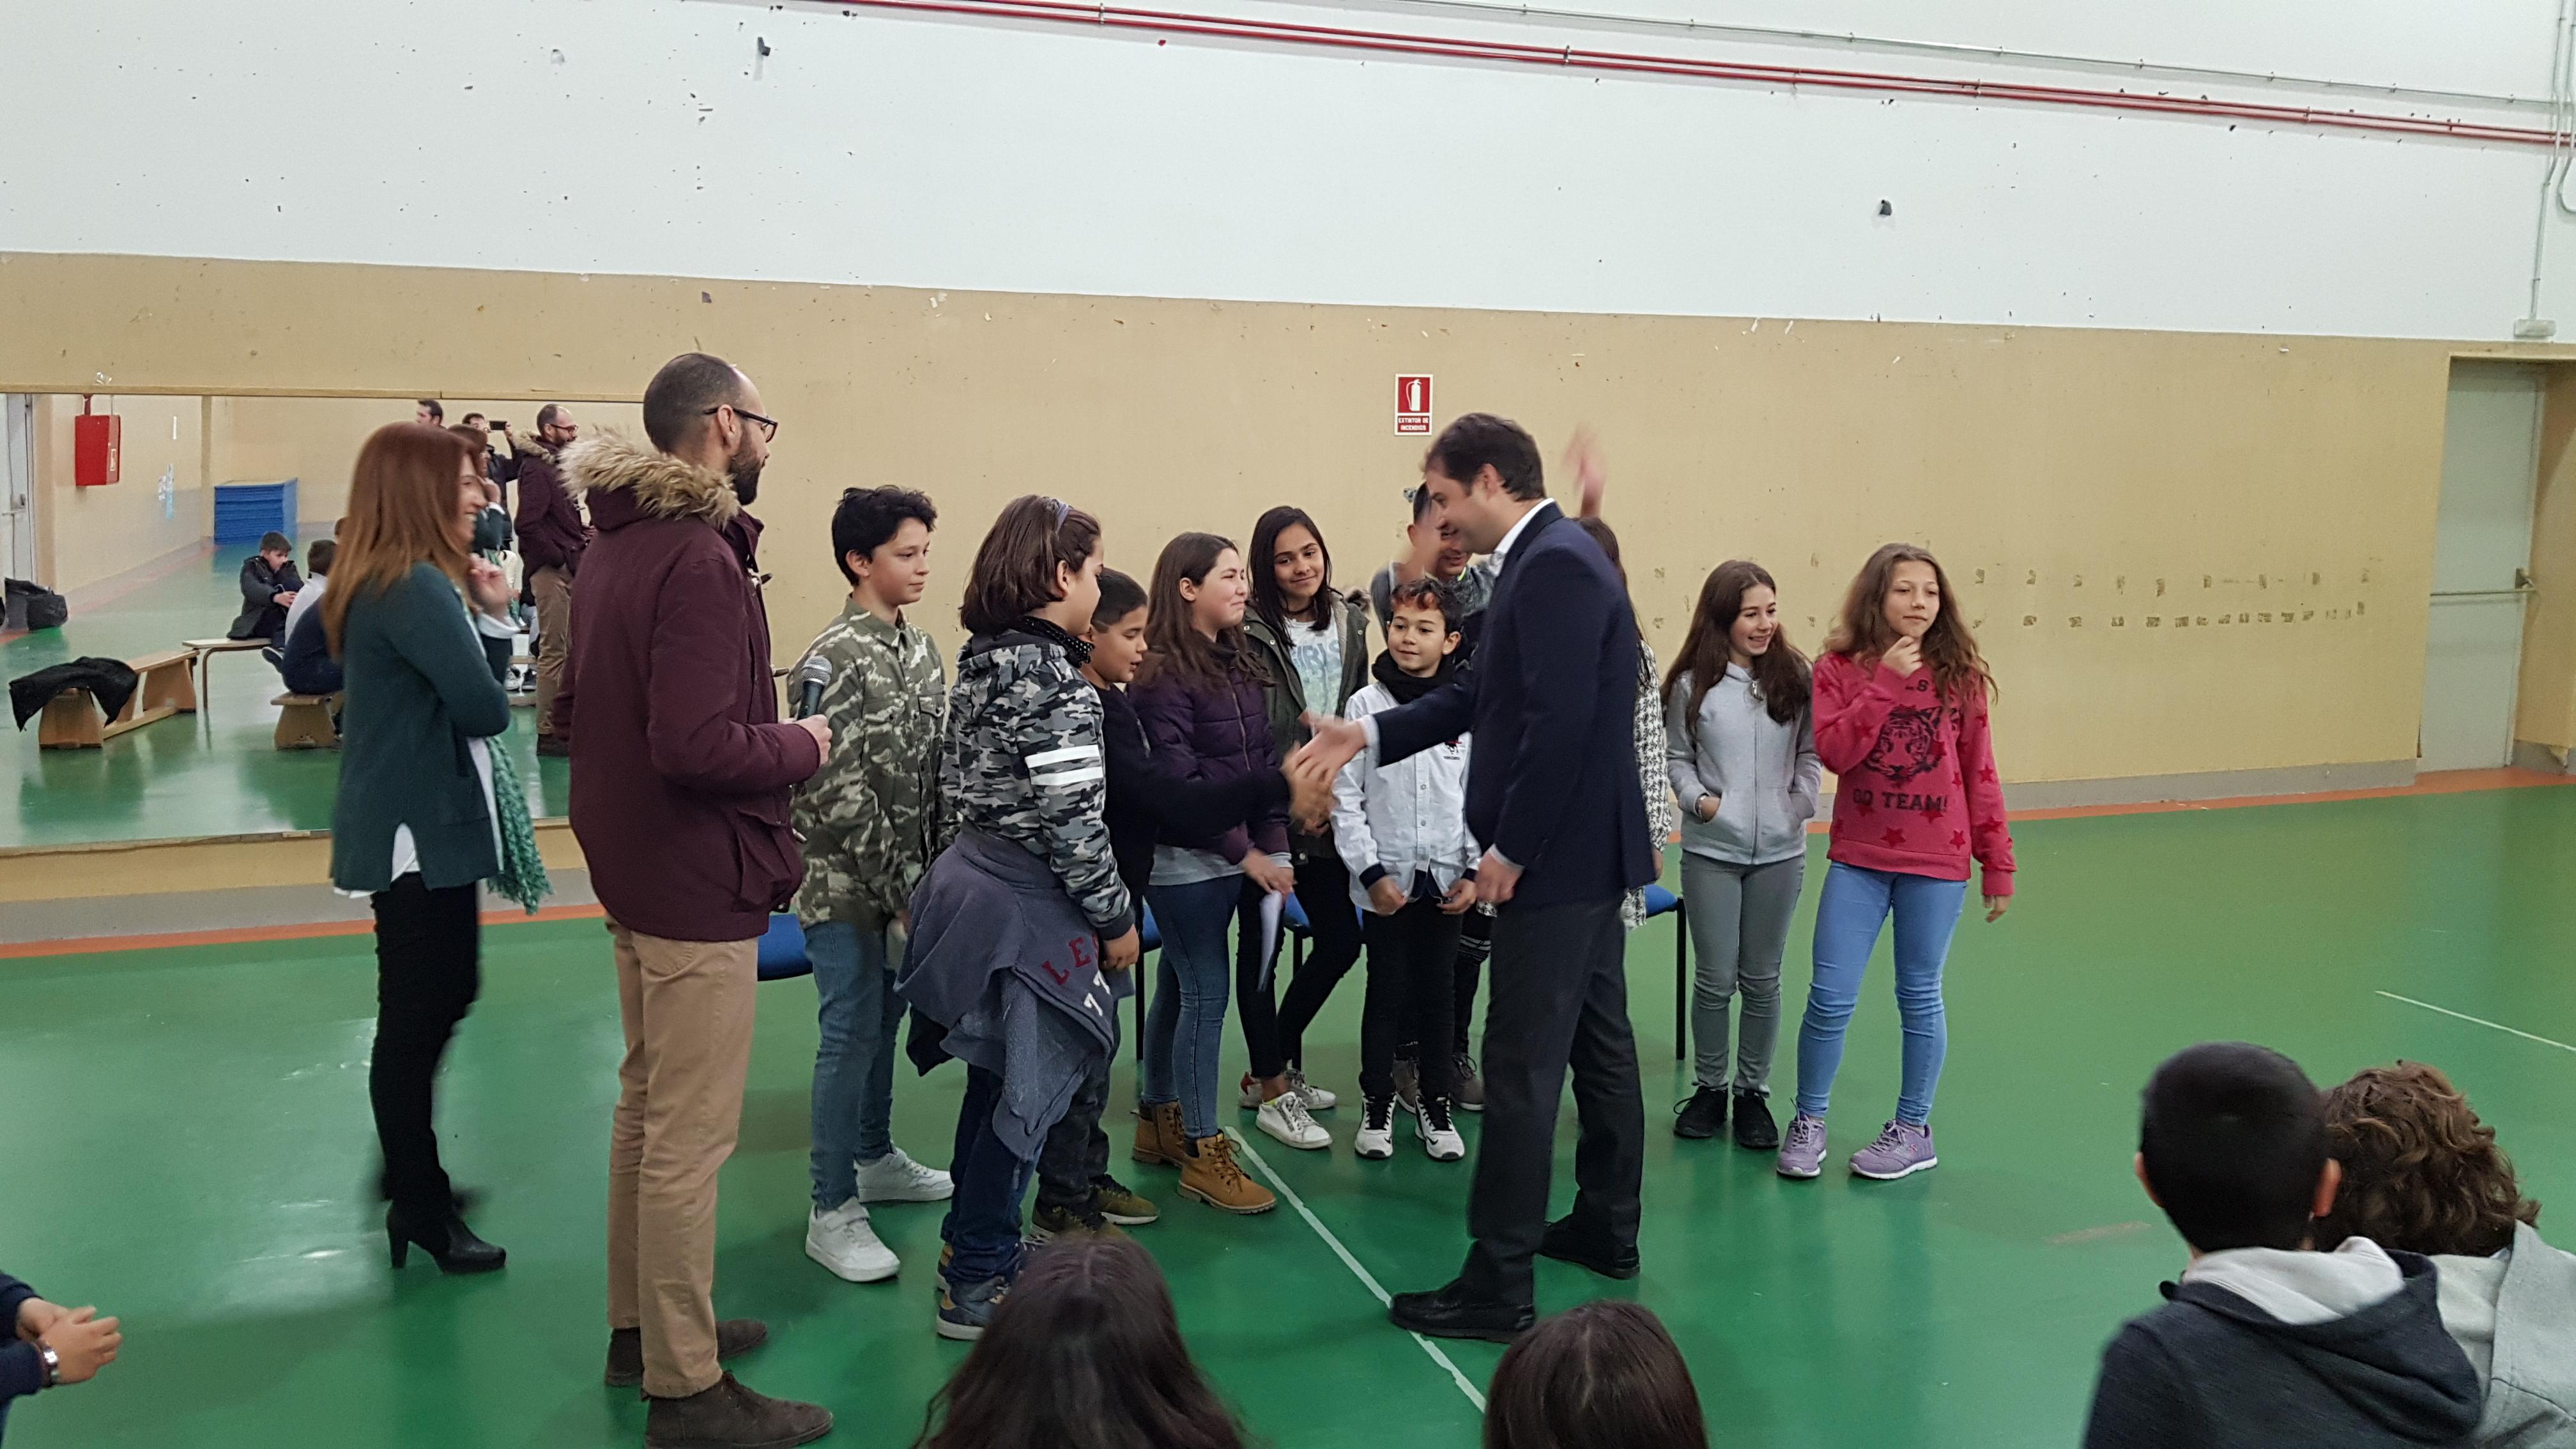 Visita del Alcalde de Torrejón de Ardoz al CEIP Andrés Segovia 11